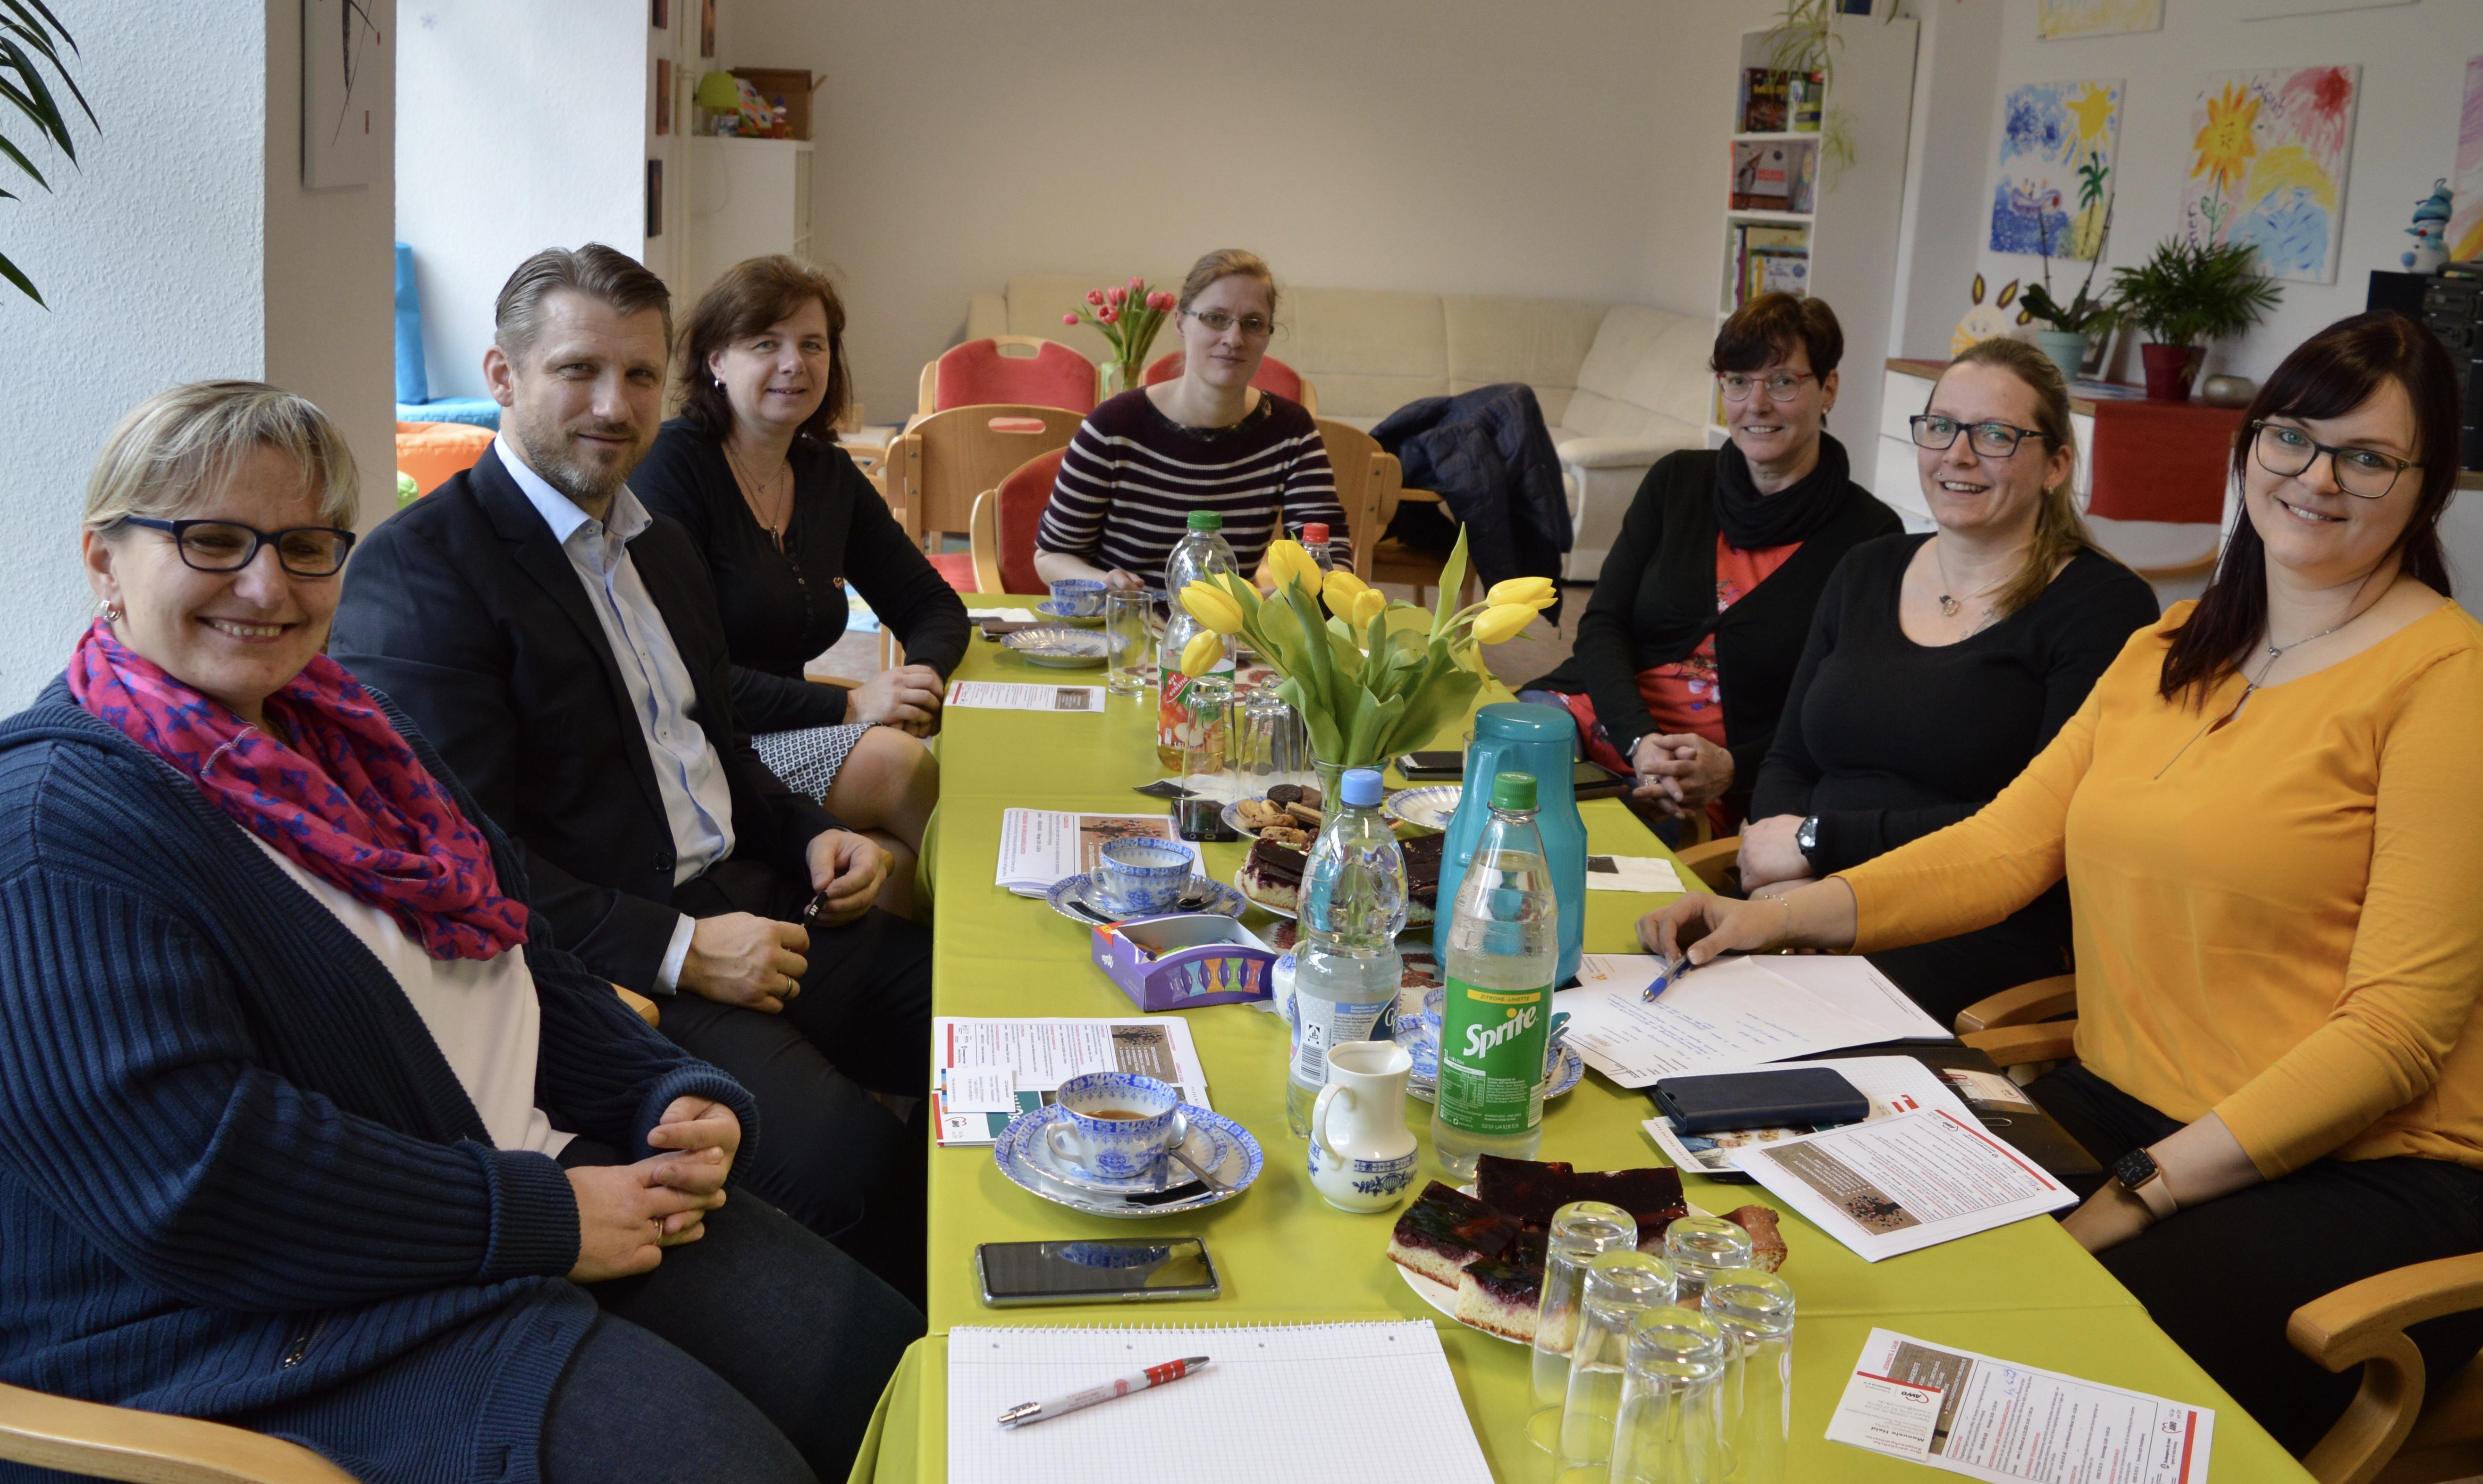 v.l. Beate Müller (AWO-Pflegedienstleiterin), Bürgermeister Sven Hause, Katrin Bock (Leiterin Suchtberatung AWO Kreisverband Salzland e.V), Kristin Güttler (Teilhabeberaterin CJD Sachsen-Anhalt), Manuela Held (Teamleiterin SPFH AWO Kreisverband Salzland e.V), Kerstin Henze (Projektverantwortliche Tafel Schönebeck - AWO),  Saskia Schenk (Stabstelle AWO) im gemeinsamen Gespräch zu den neuen Beratungsangeboten im Nachbarschaftstreff, Lessingstraße 4.